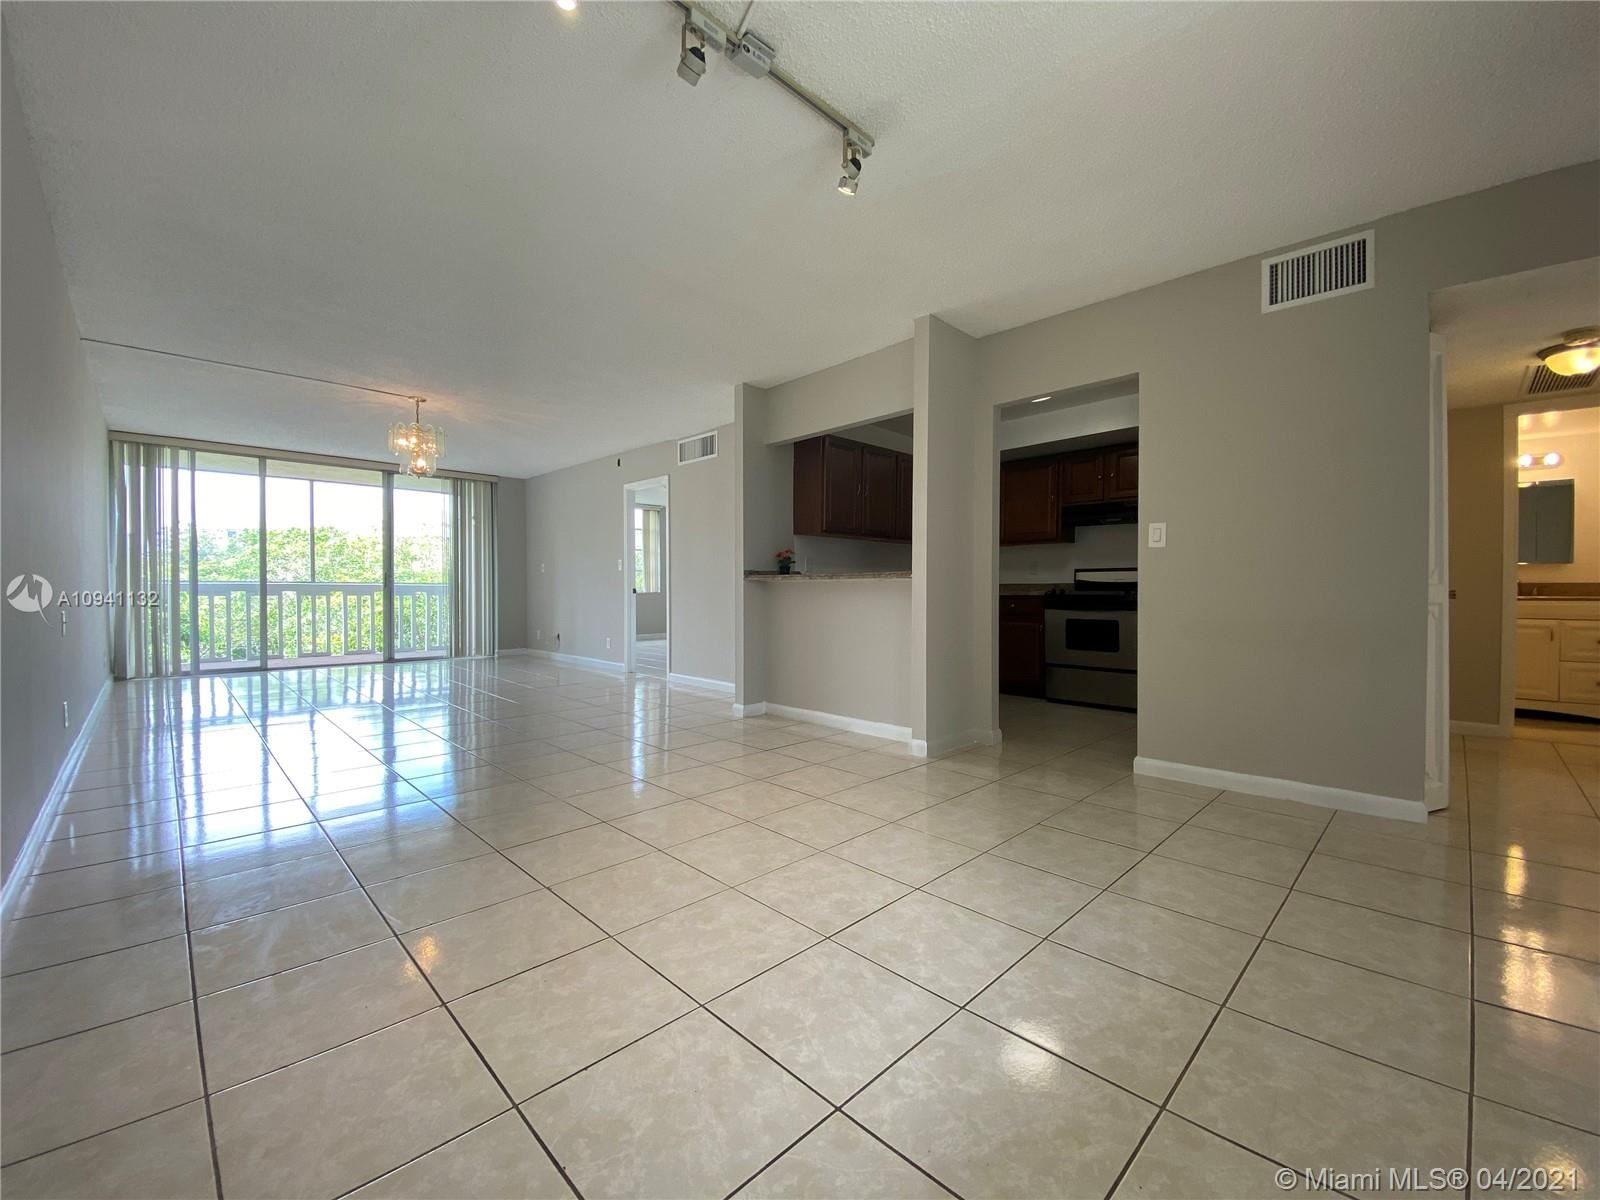 7031 Environ Blvd #422, Lauderhill, FL 33319 - #: A10941132